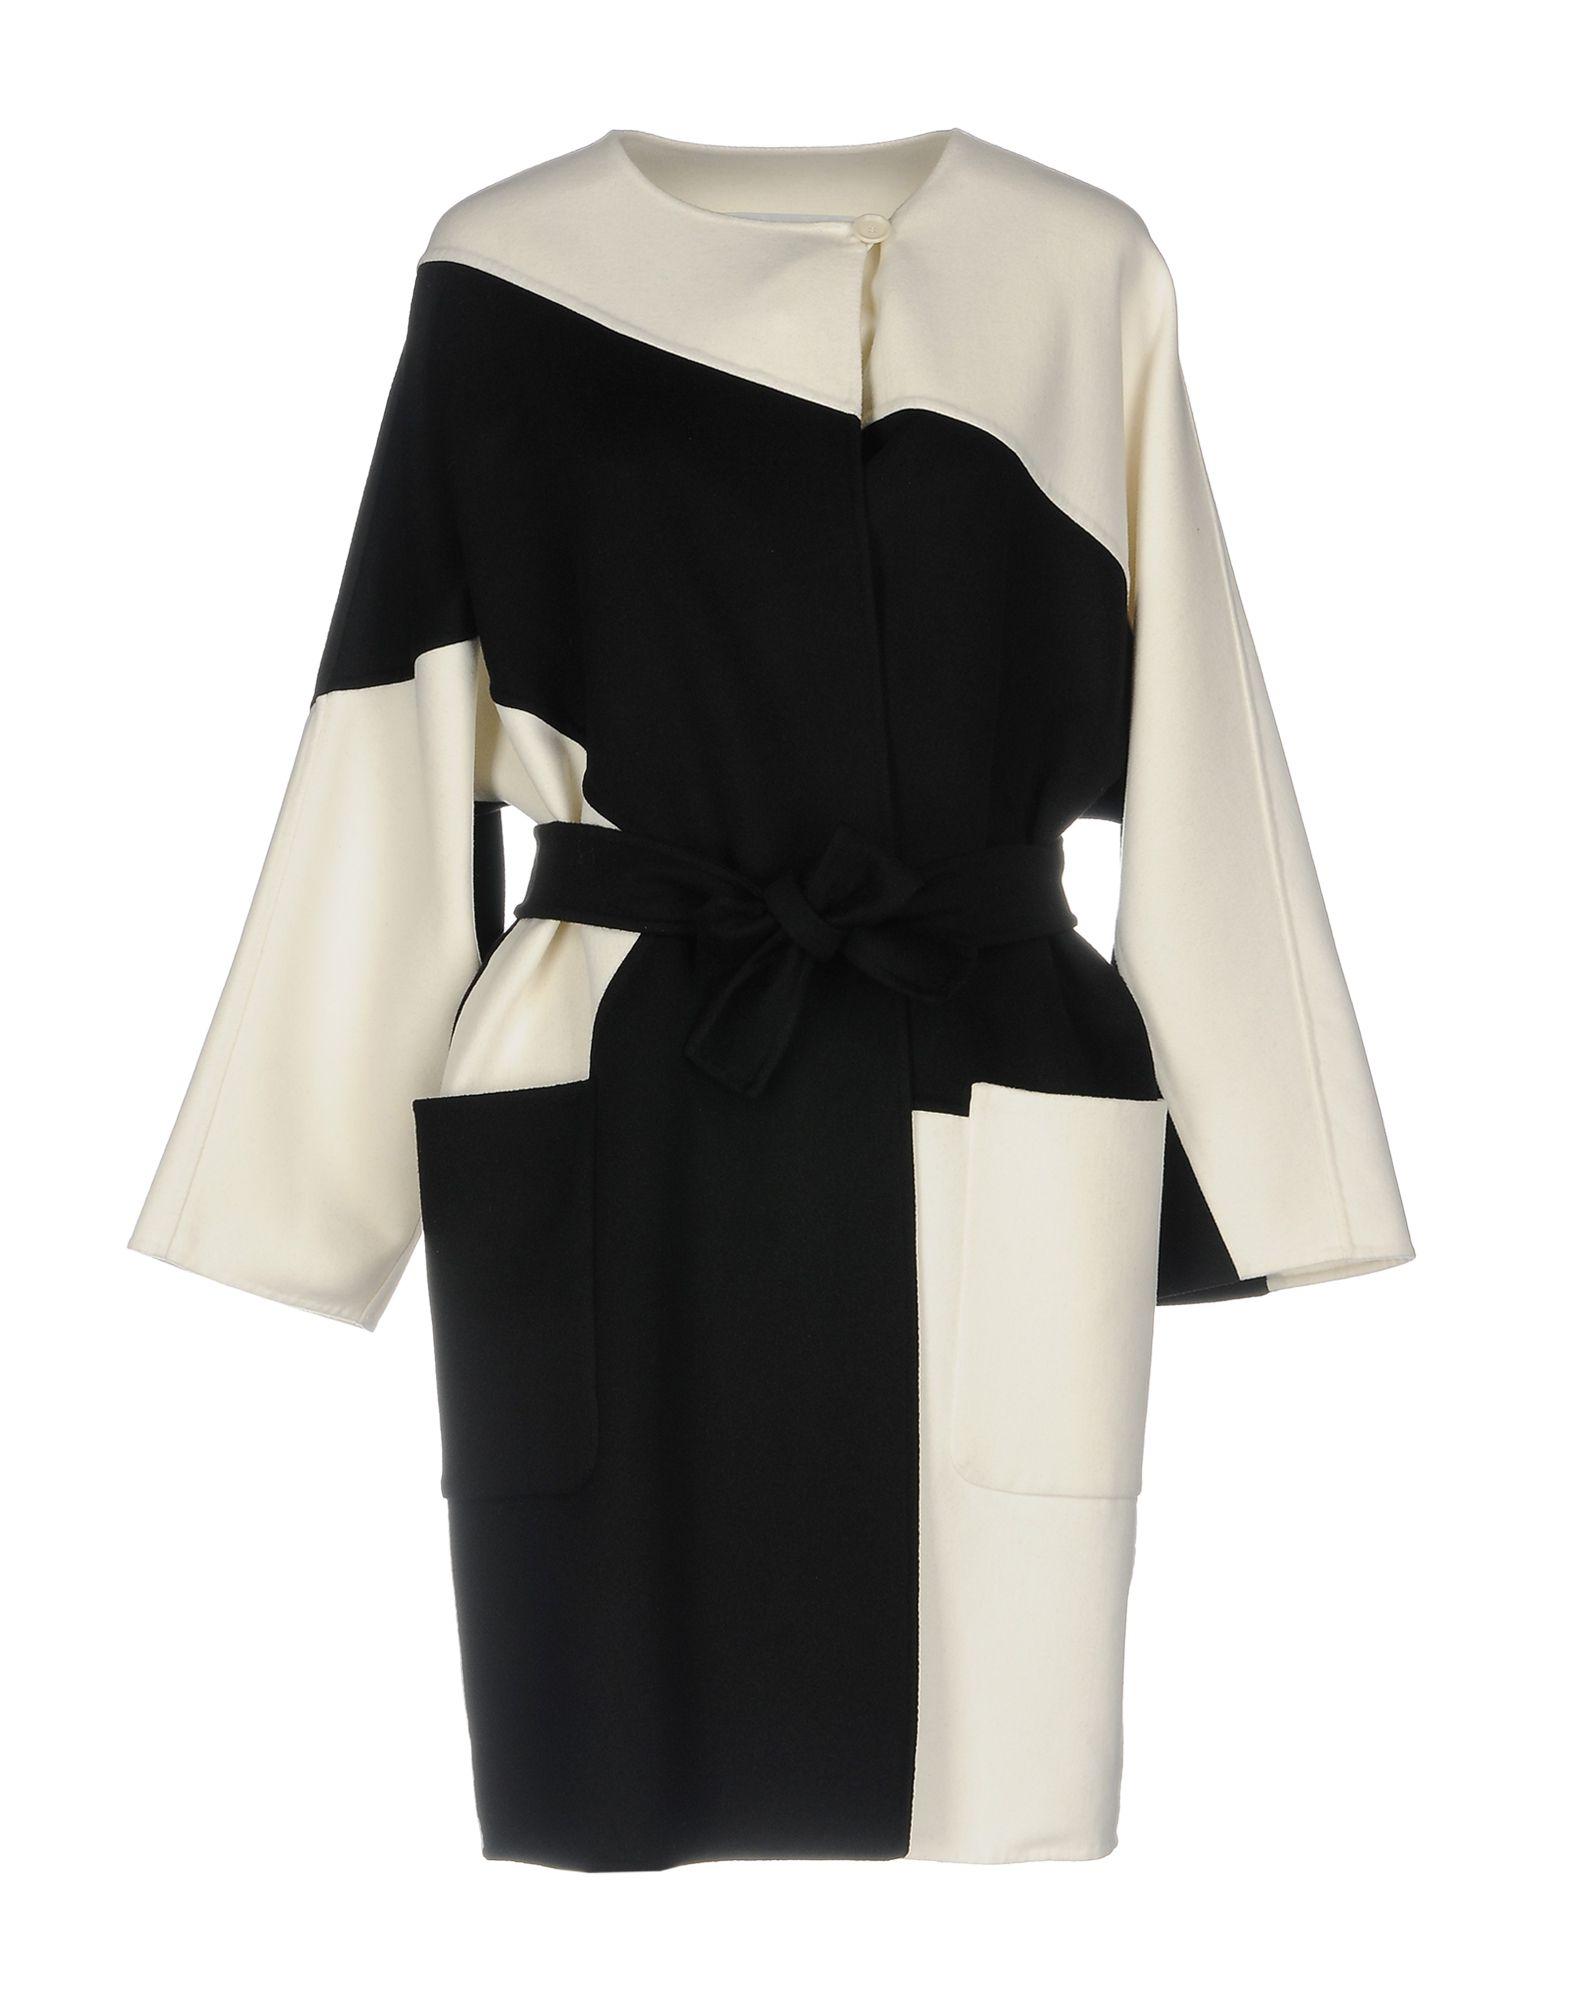 MAX MARA Пальто женское пальто max mara max mara2014